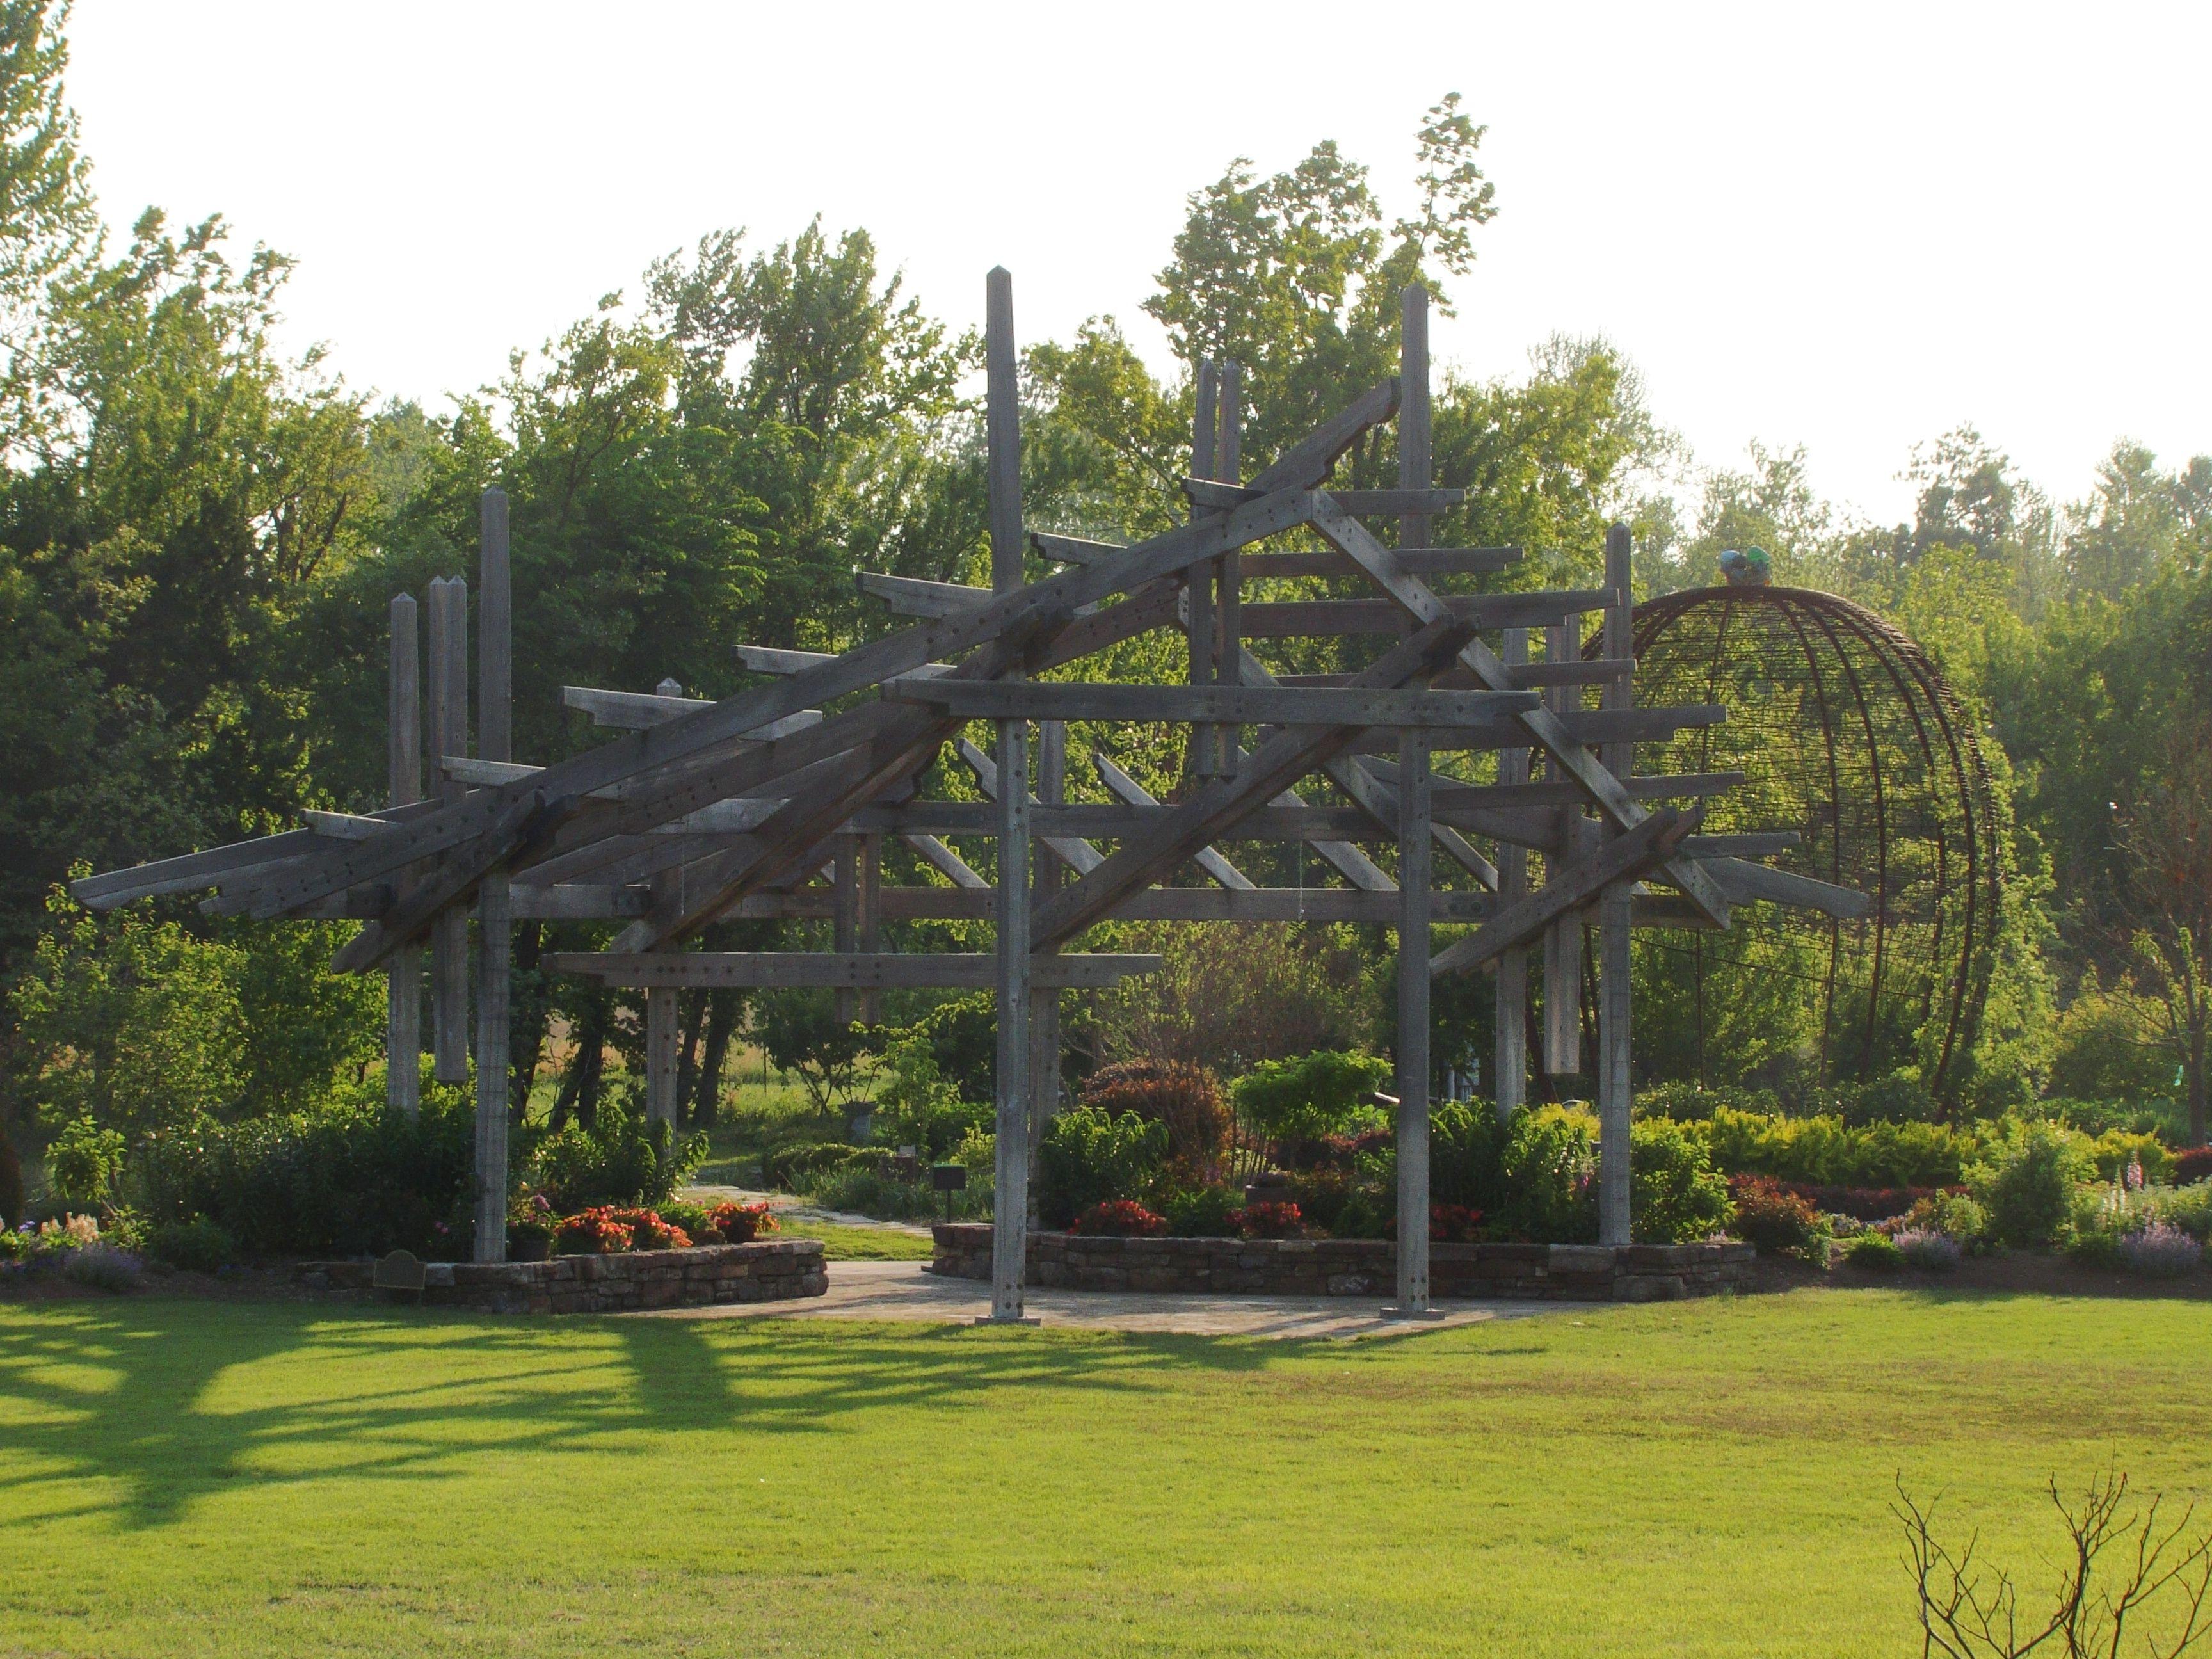 Ordinaire Botanical Gardens Of The Ozarks, Fayetteville, Arkansas